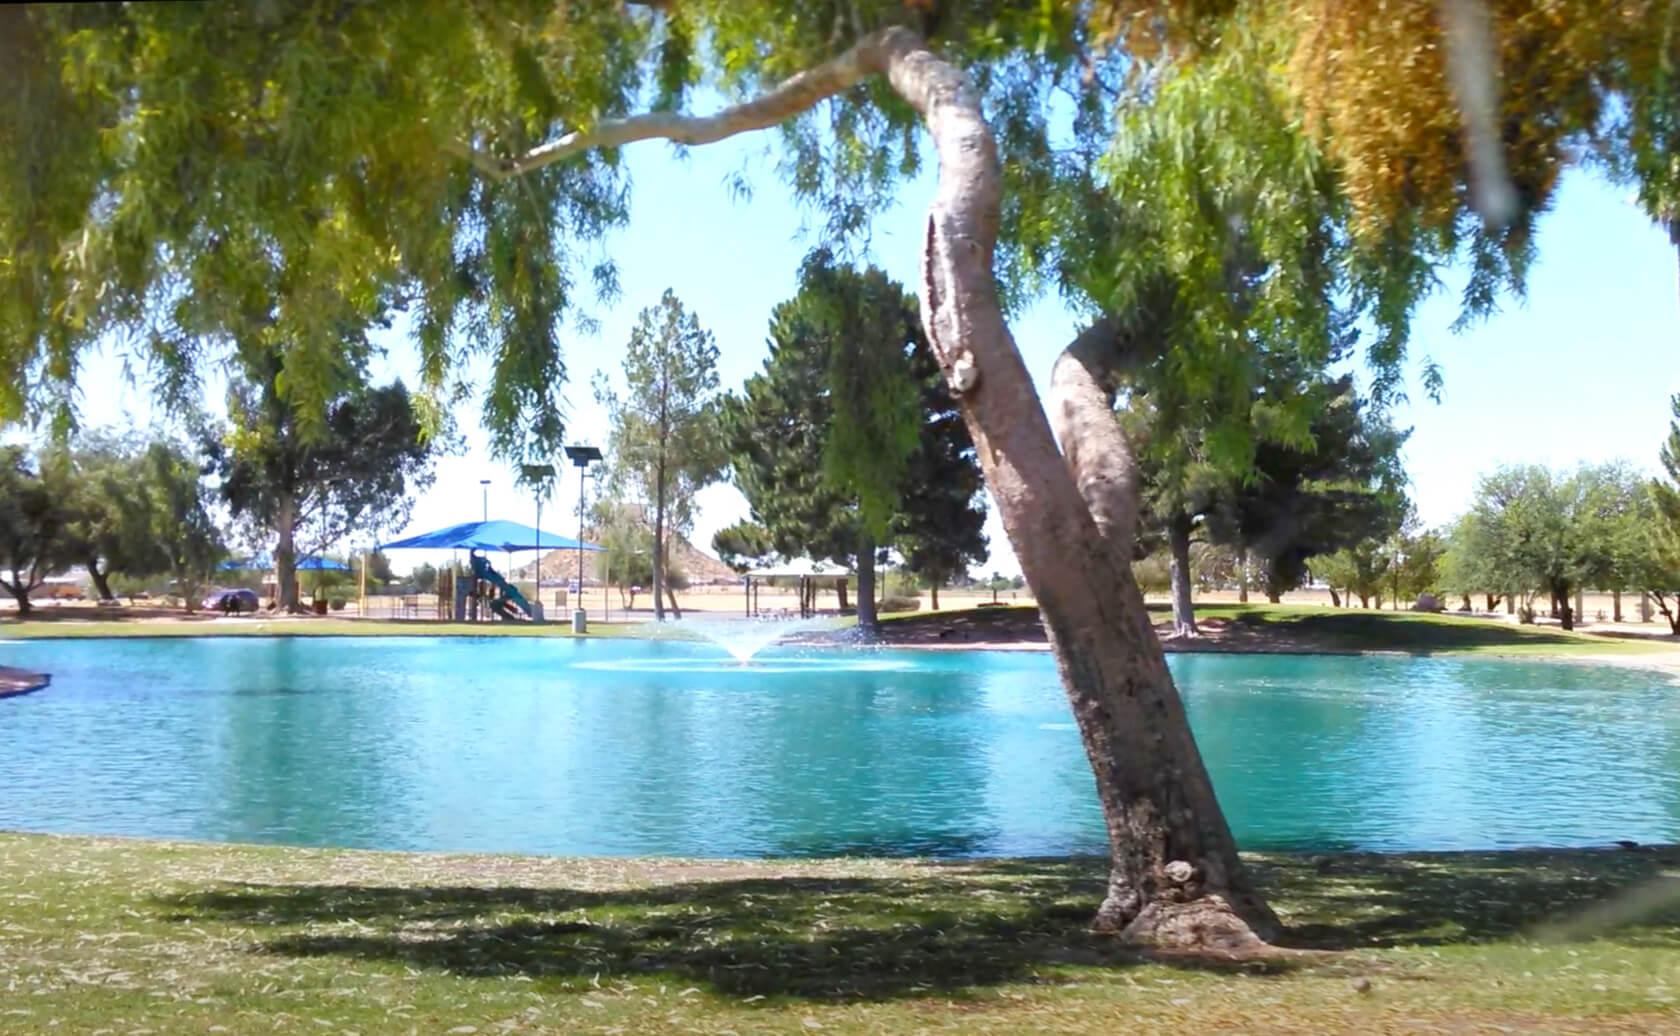 Dave-White-Lake-Fishing-Guide-Casa-Grande-AZ-01